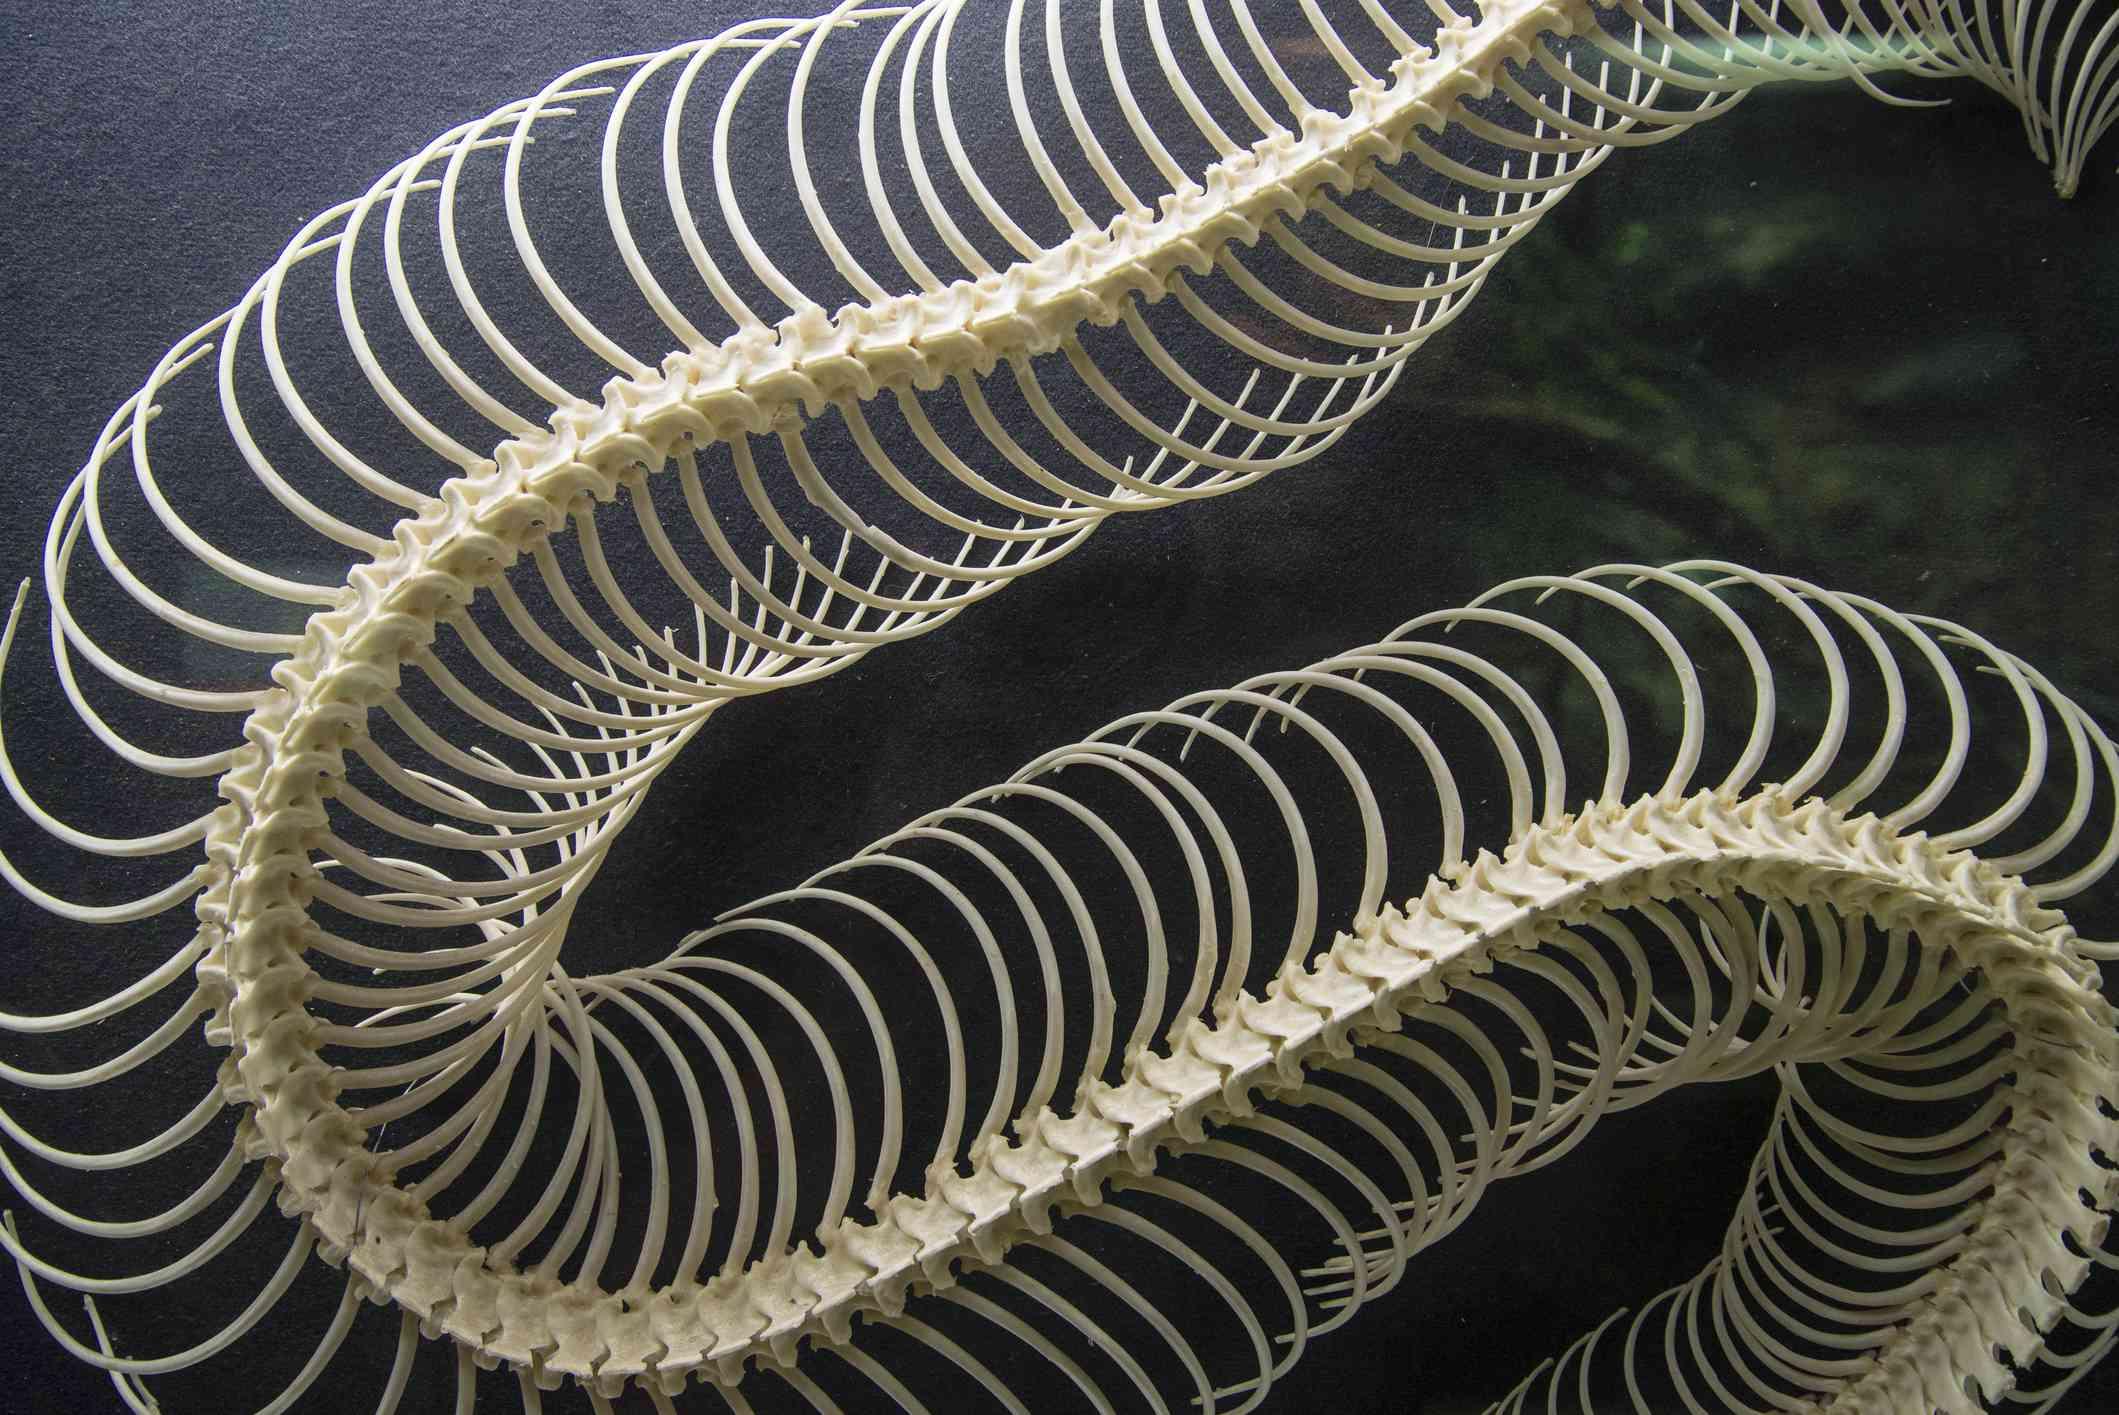 Gaboon Viper skeleton